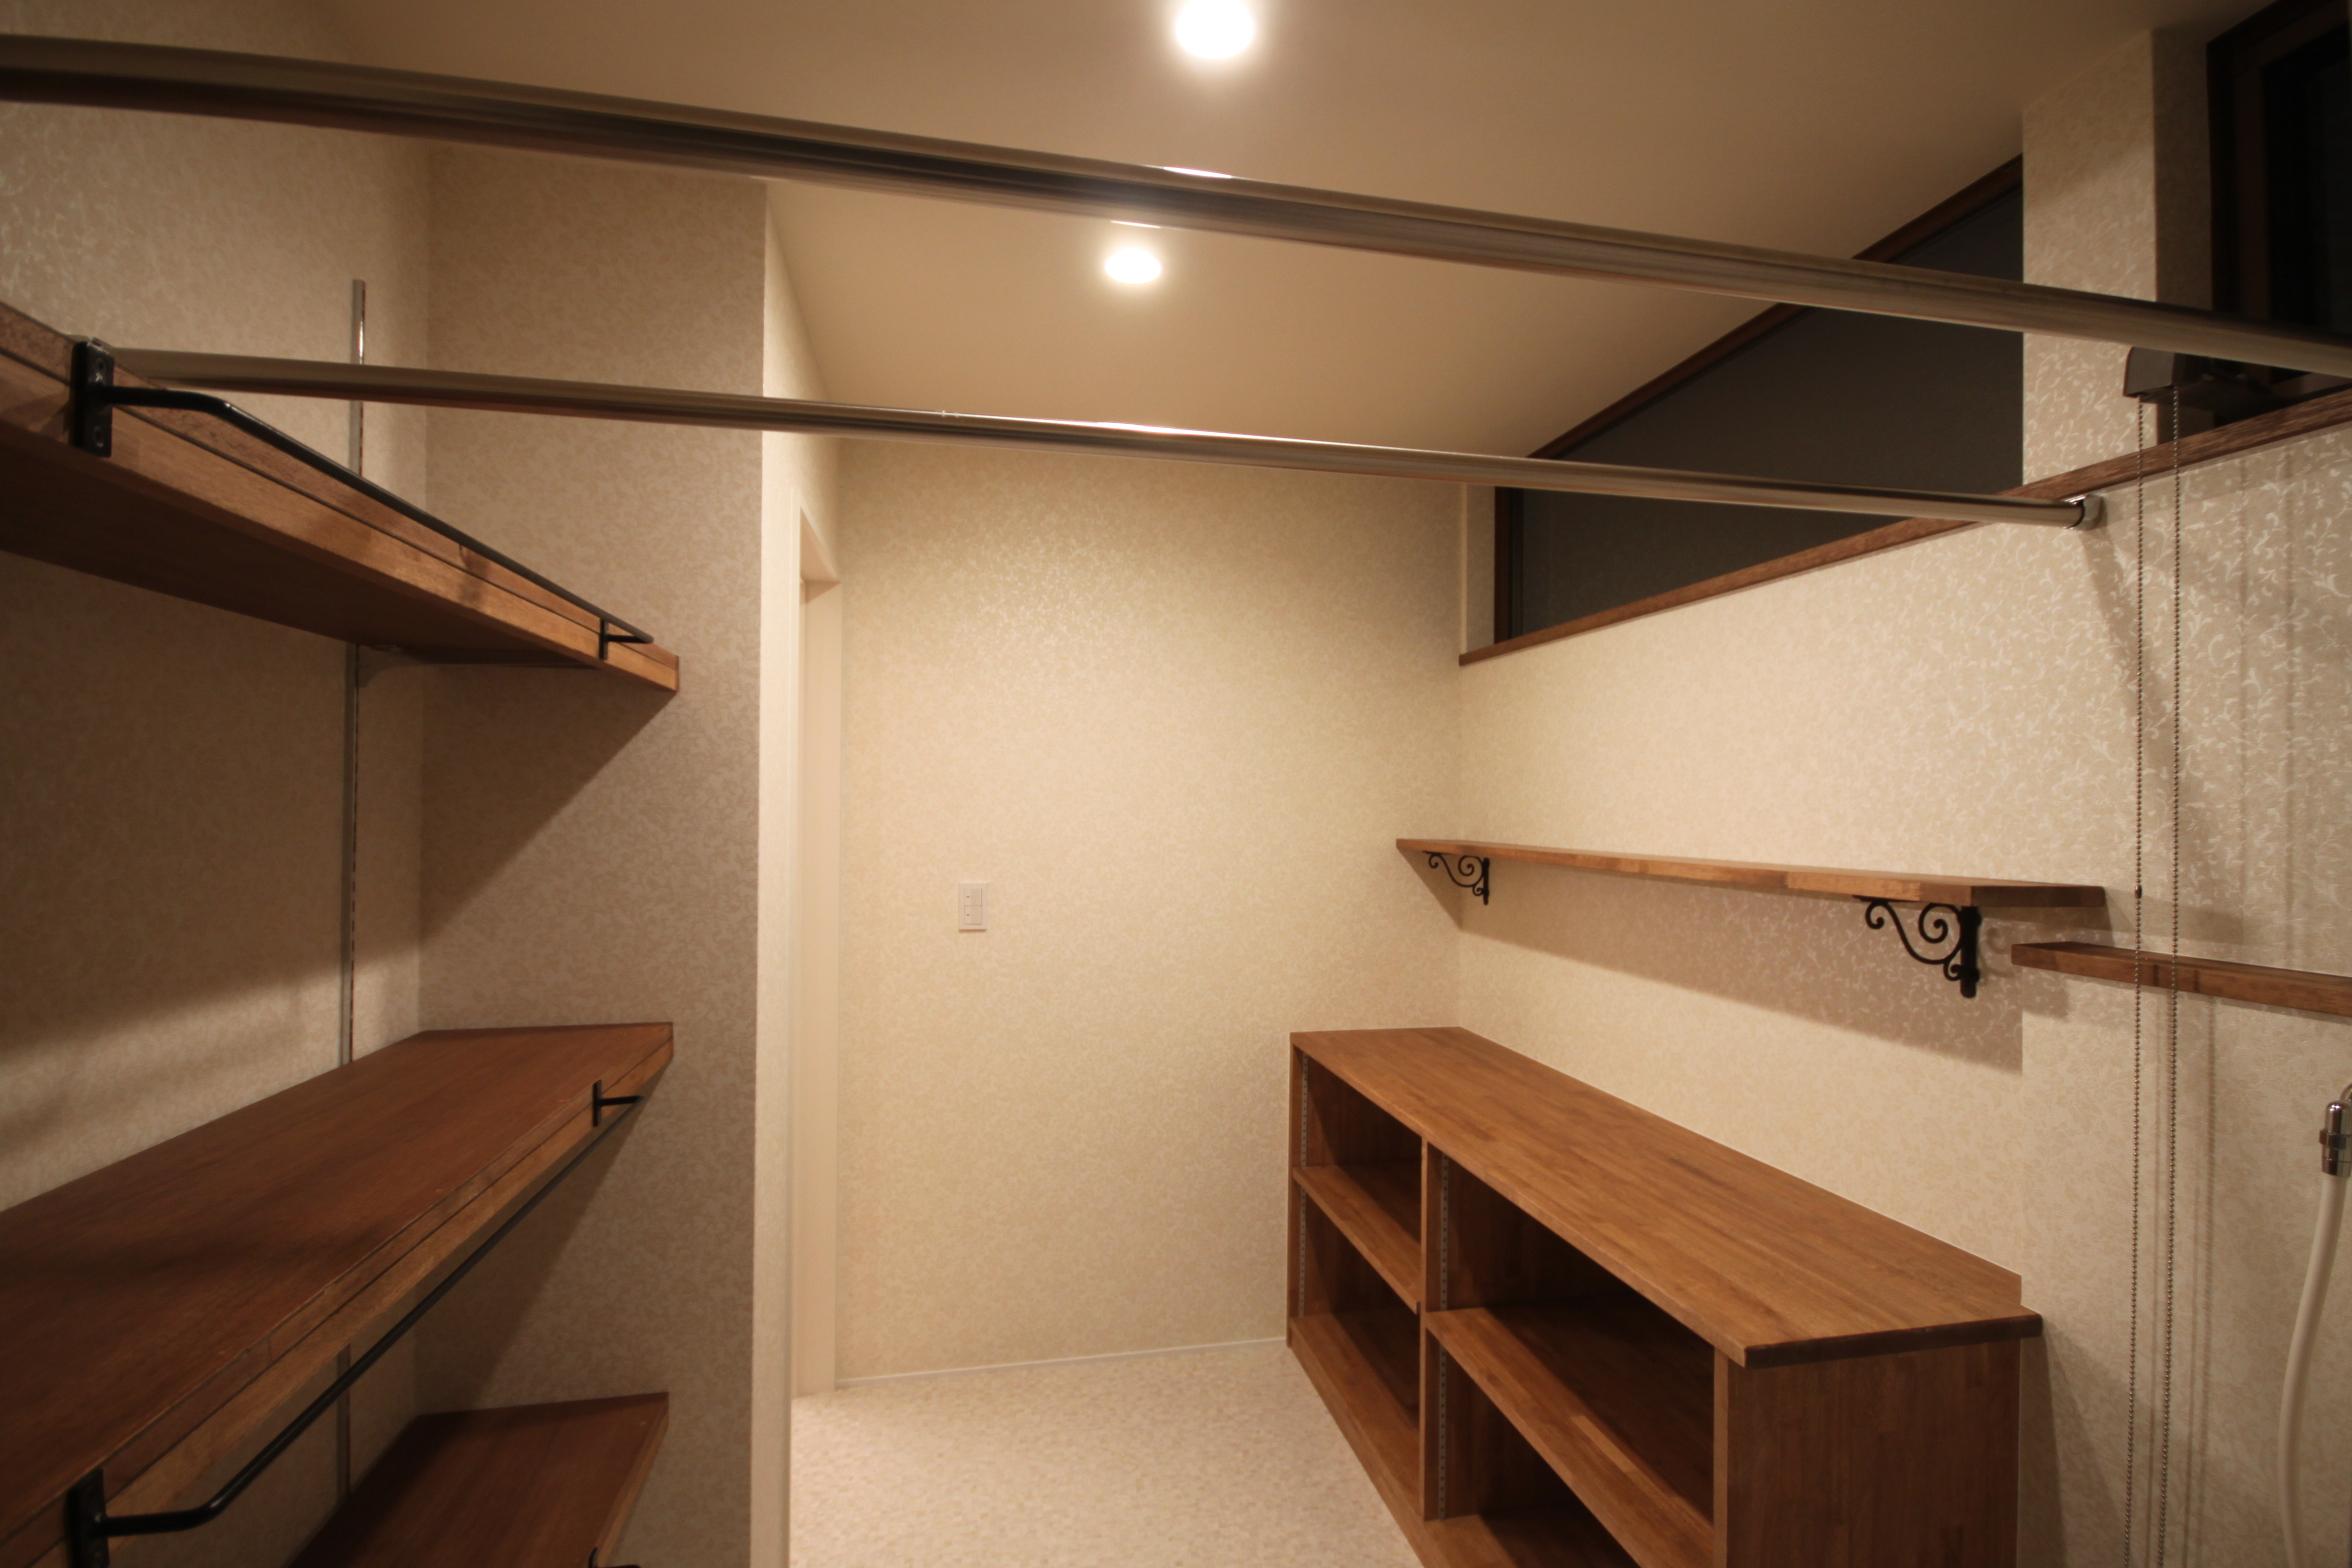 脱衣室はたっぷりの収納と洗濯物を干すためのパイプ